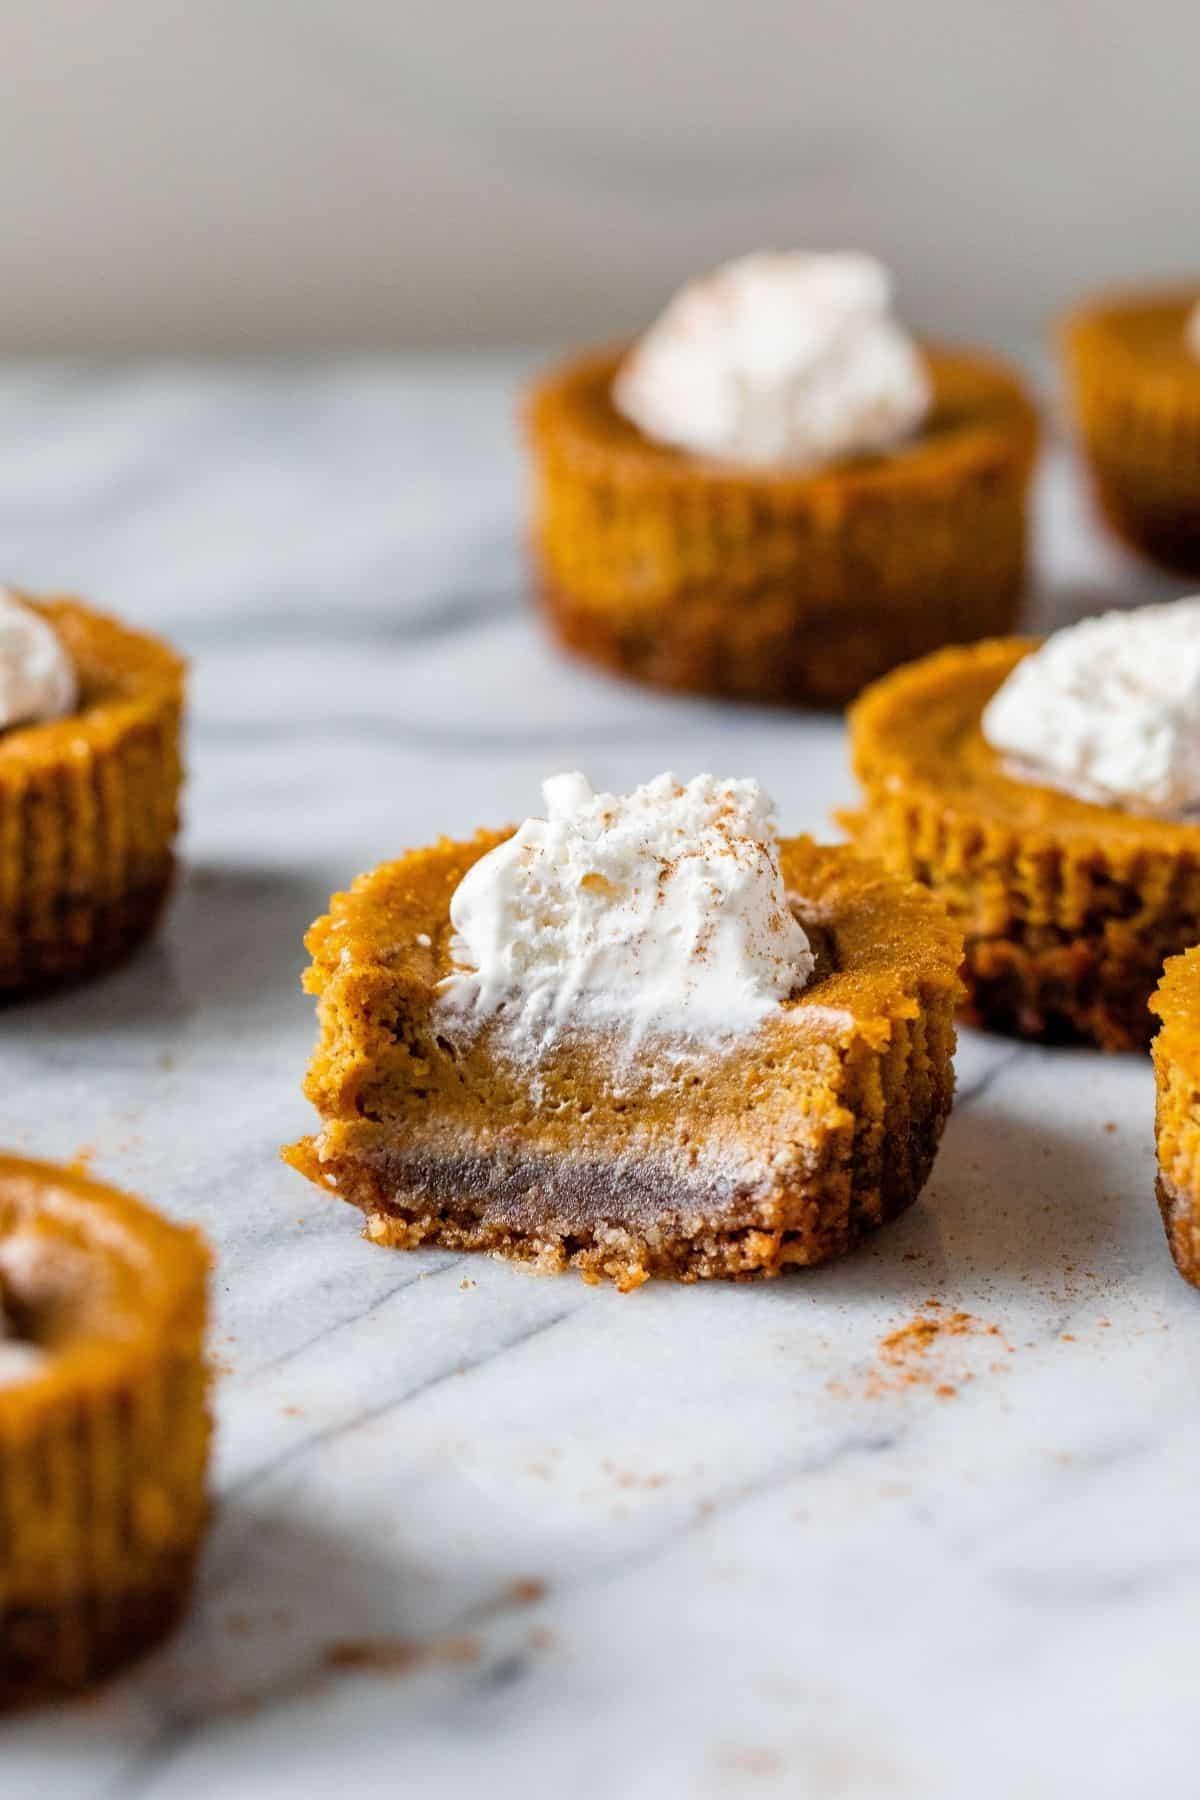 mini pumpkin pie with a bite taken out